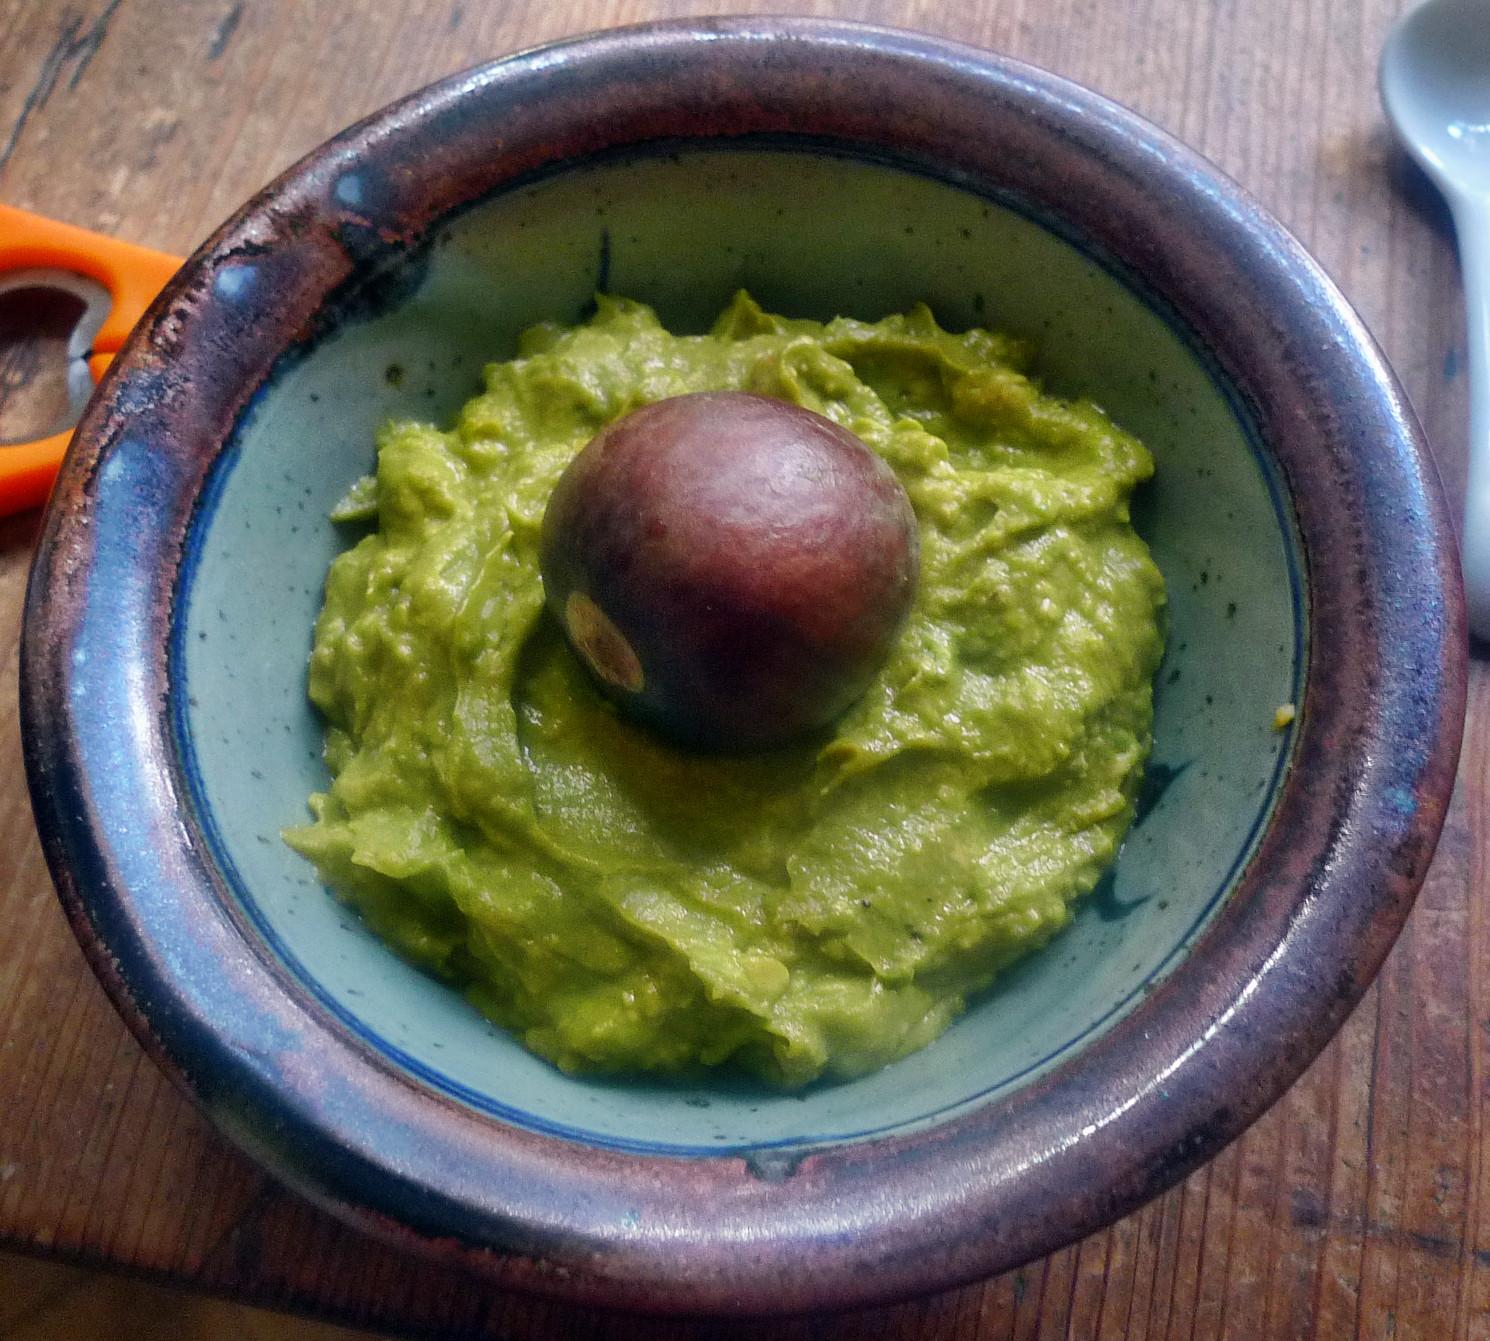 Ofengebackenes Würzelgemüse,Hummus,Guacamole -5.4.15   (8)